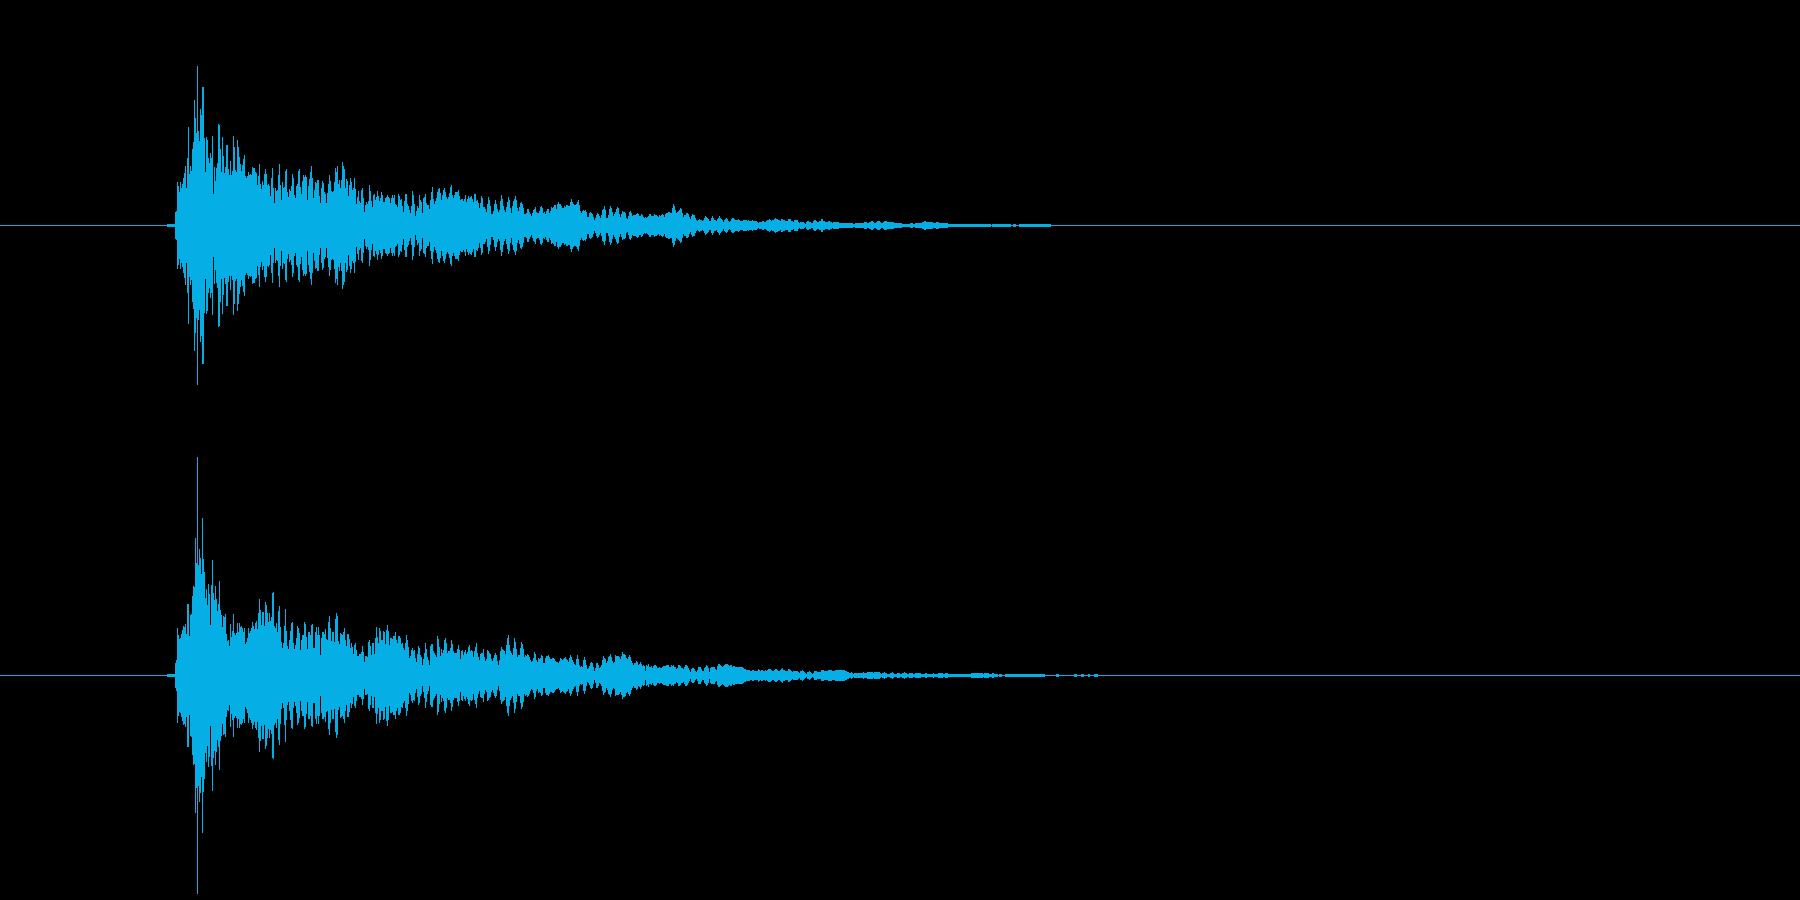 ティーン(ひらめき音)の再生済みの波形